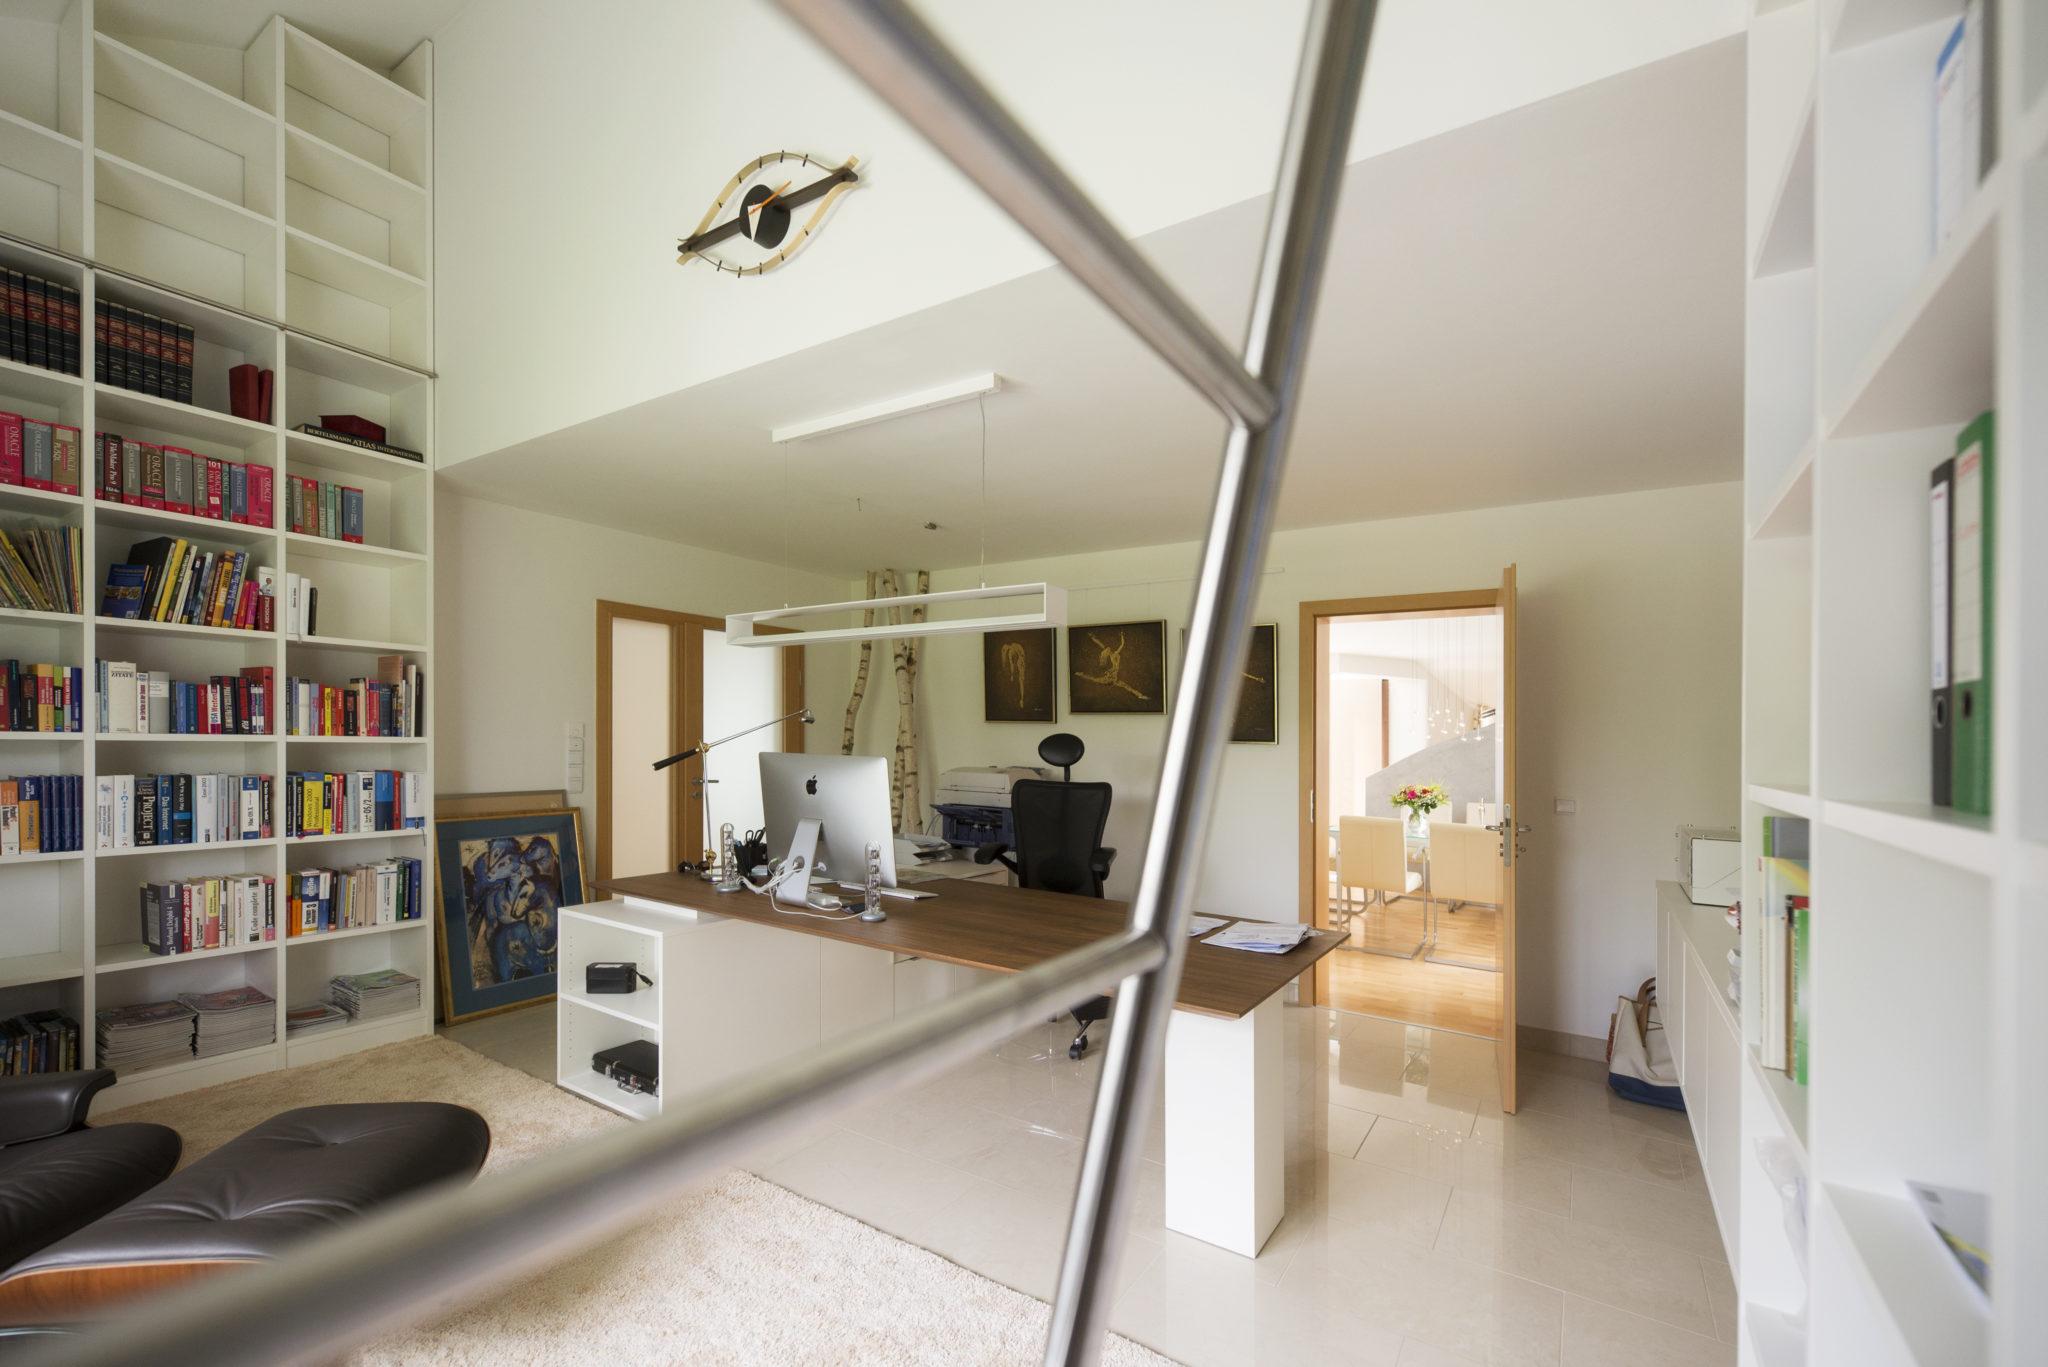 referenzen wohnen essen einrichtungsplanung und raumgestaltung astrid fuchs. Black Bedroom Furniture Sets. Home Design Ideas